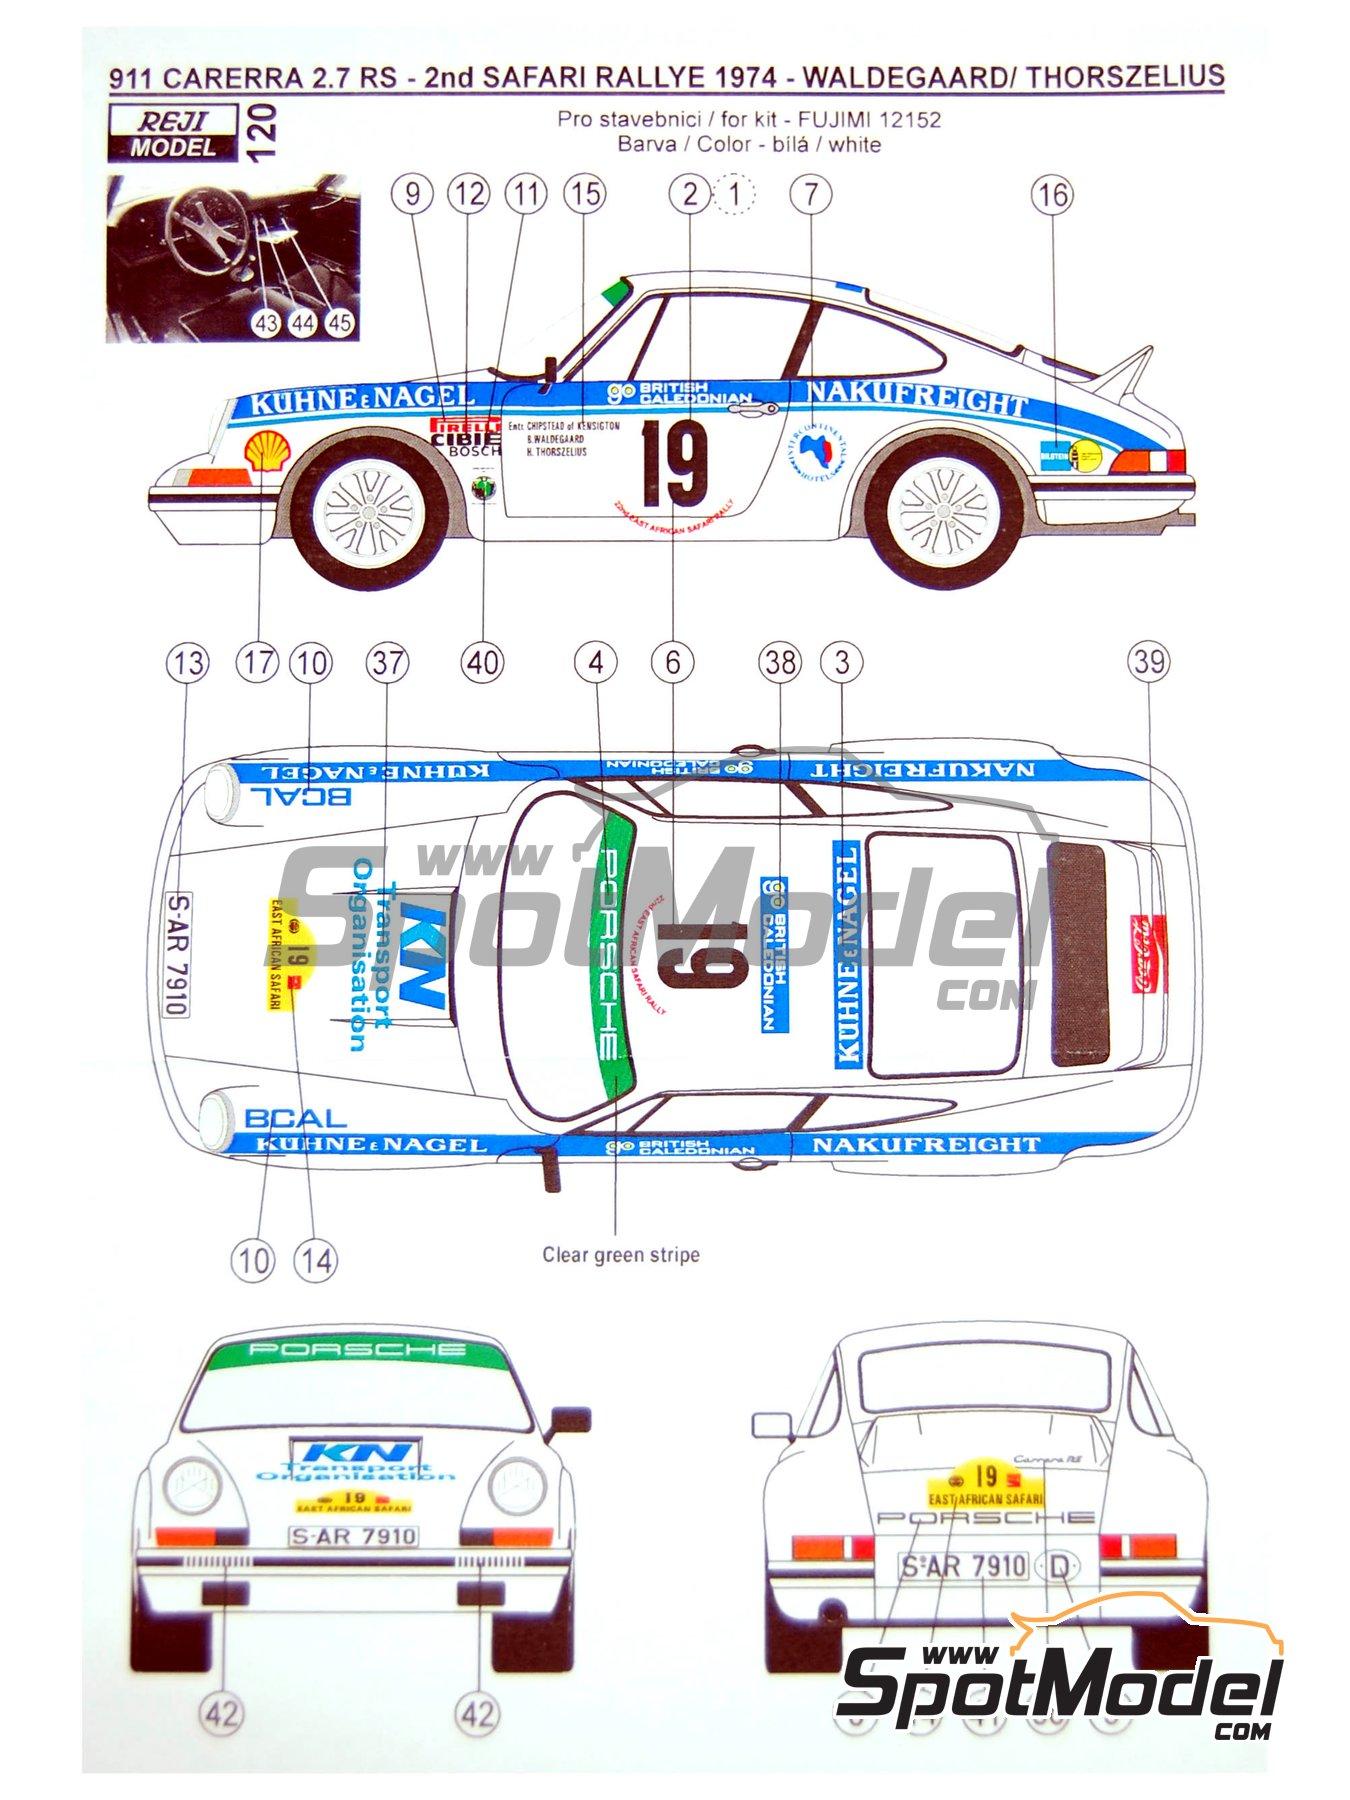 Porsche 911 2.7 RS Nakufreight - Rally Safari 1974 | Decoración en escala1/24 fabricado por Reji Model (ref.REJI-120) image